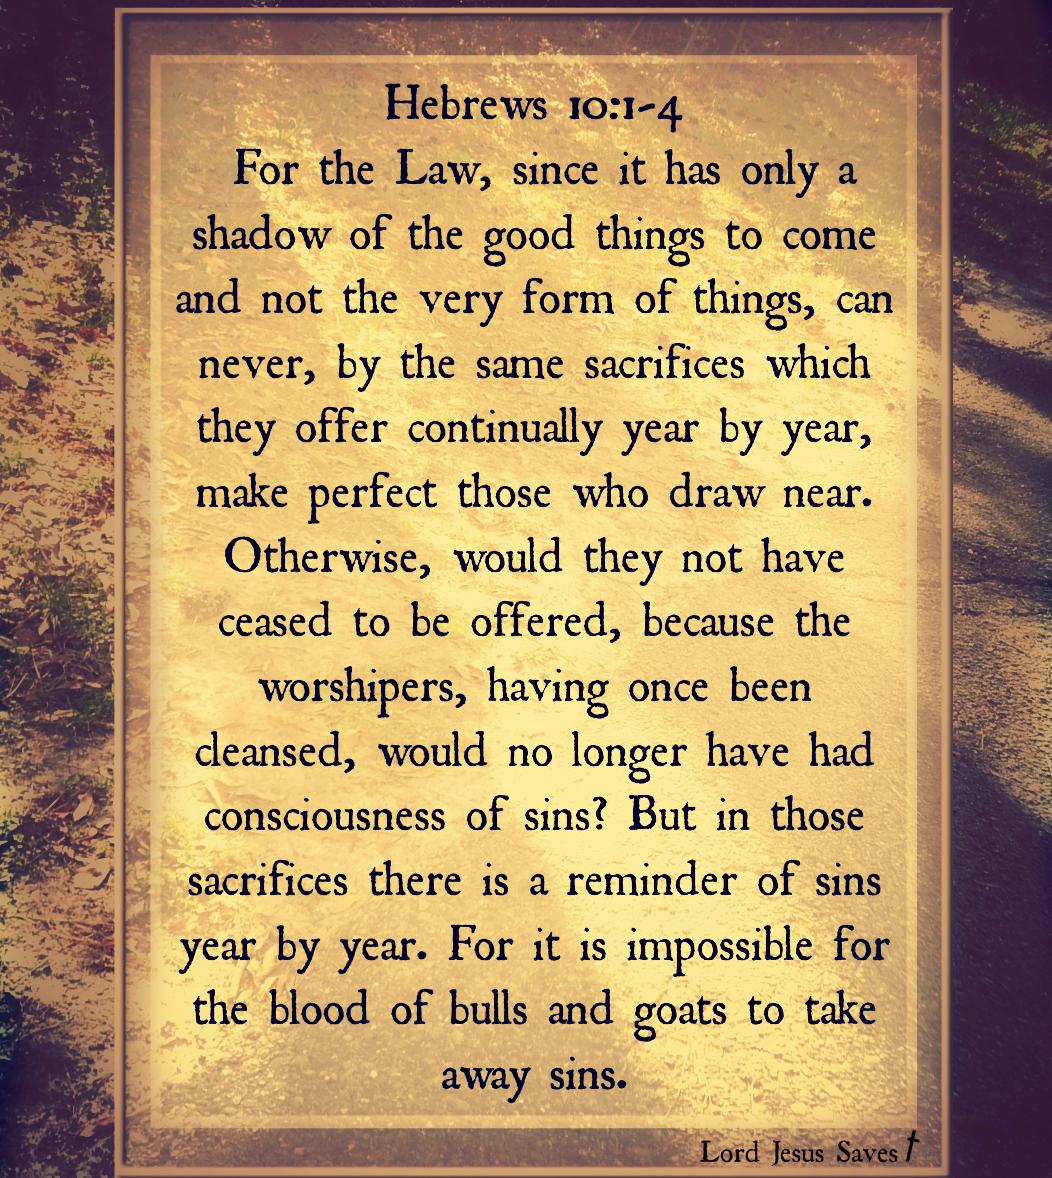 Hebrews 10 1-4